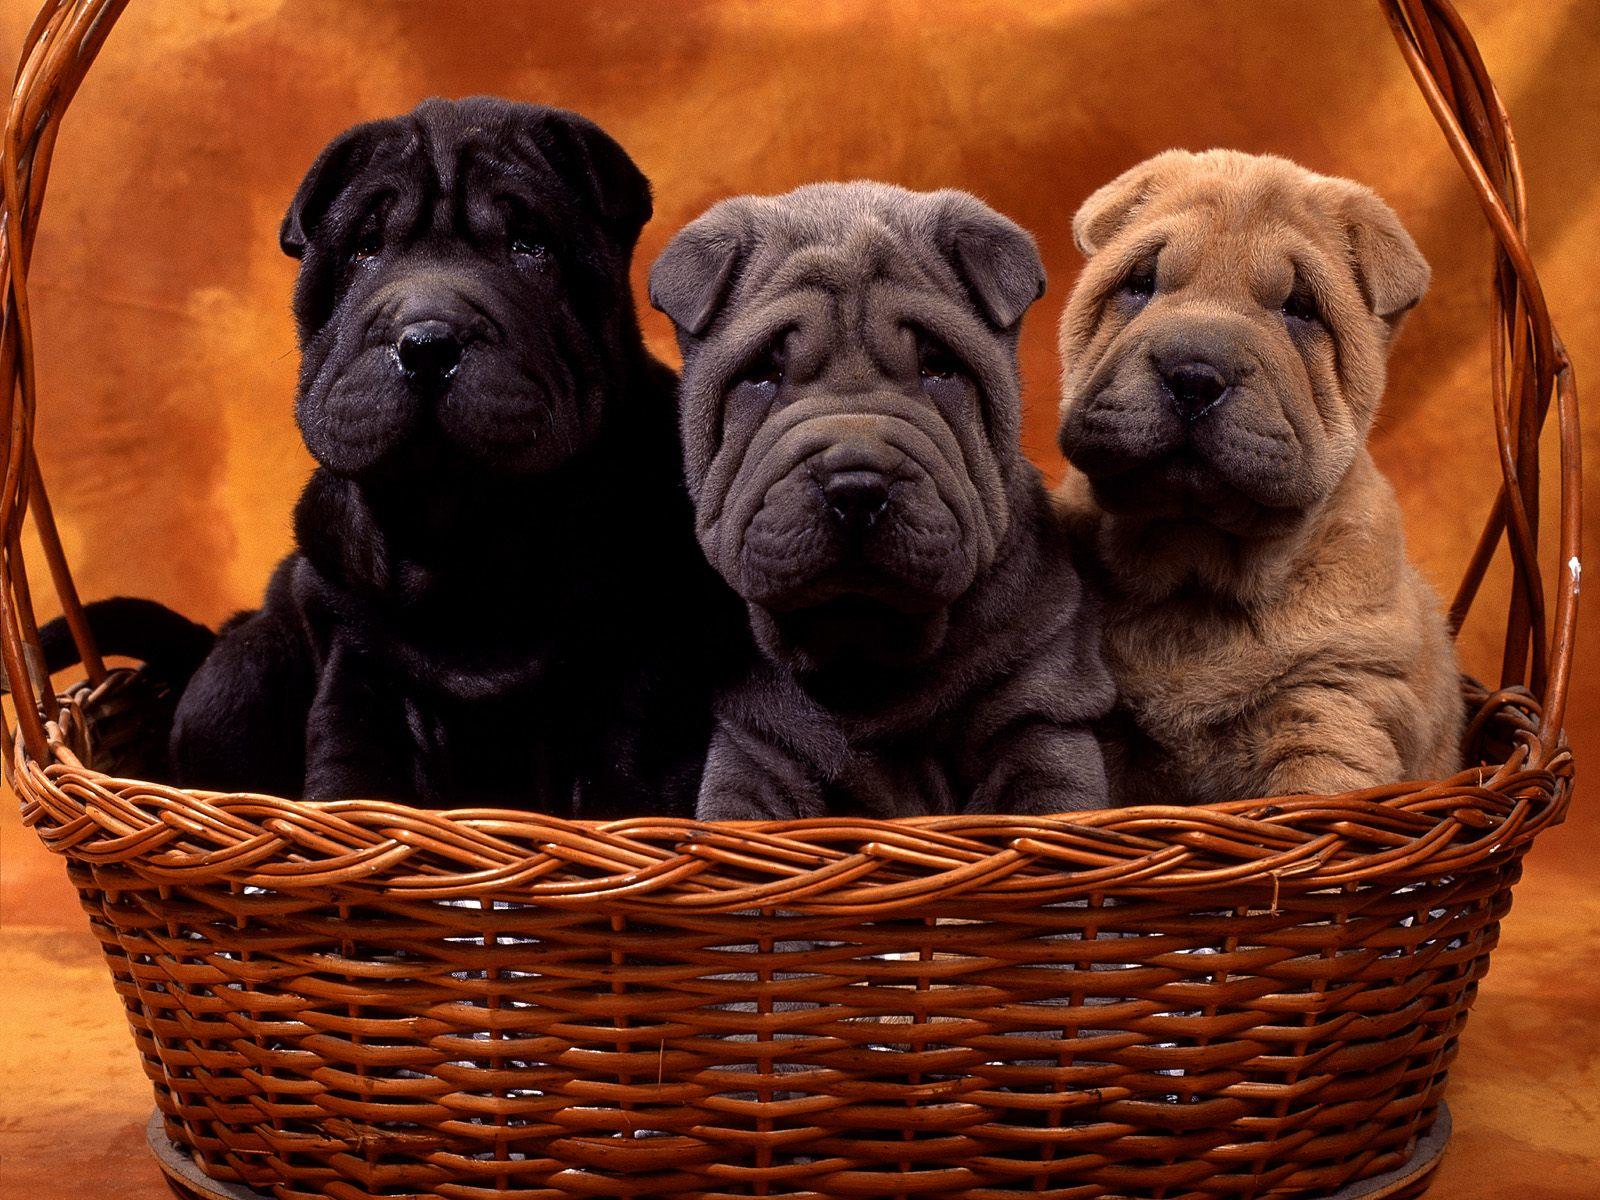 http://4.bp.blogspot.com/-_Pkd_VYJuh4/T3rmg-U9PdI/AAAAAAAAAgs/lpO57h-2N00/s1600/cute+pupies.jpg